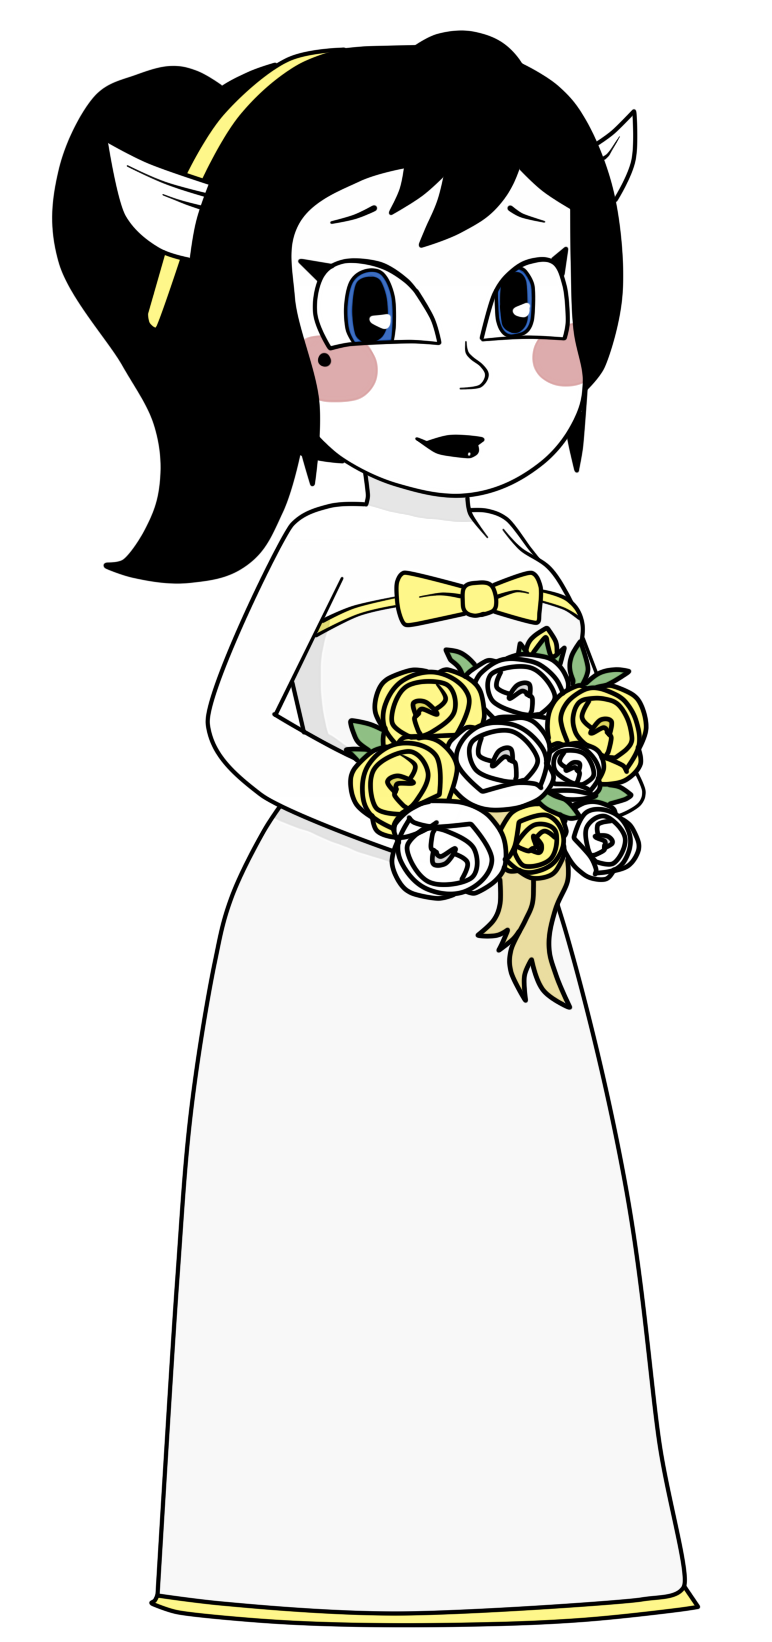 Allison Angel Bride By Gamerboy123456 On Deviantart Güvensizlikten ve sevgisizlikten acı içinde.'' son zamanlarda yönetmenlik yapmayan ve. allison angel bride by gamerboy123456